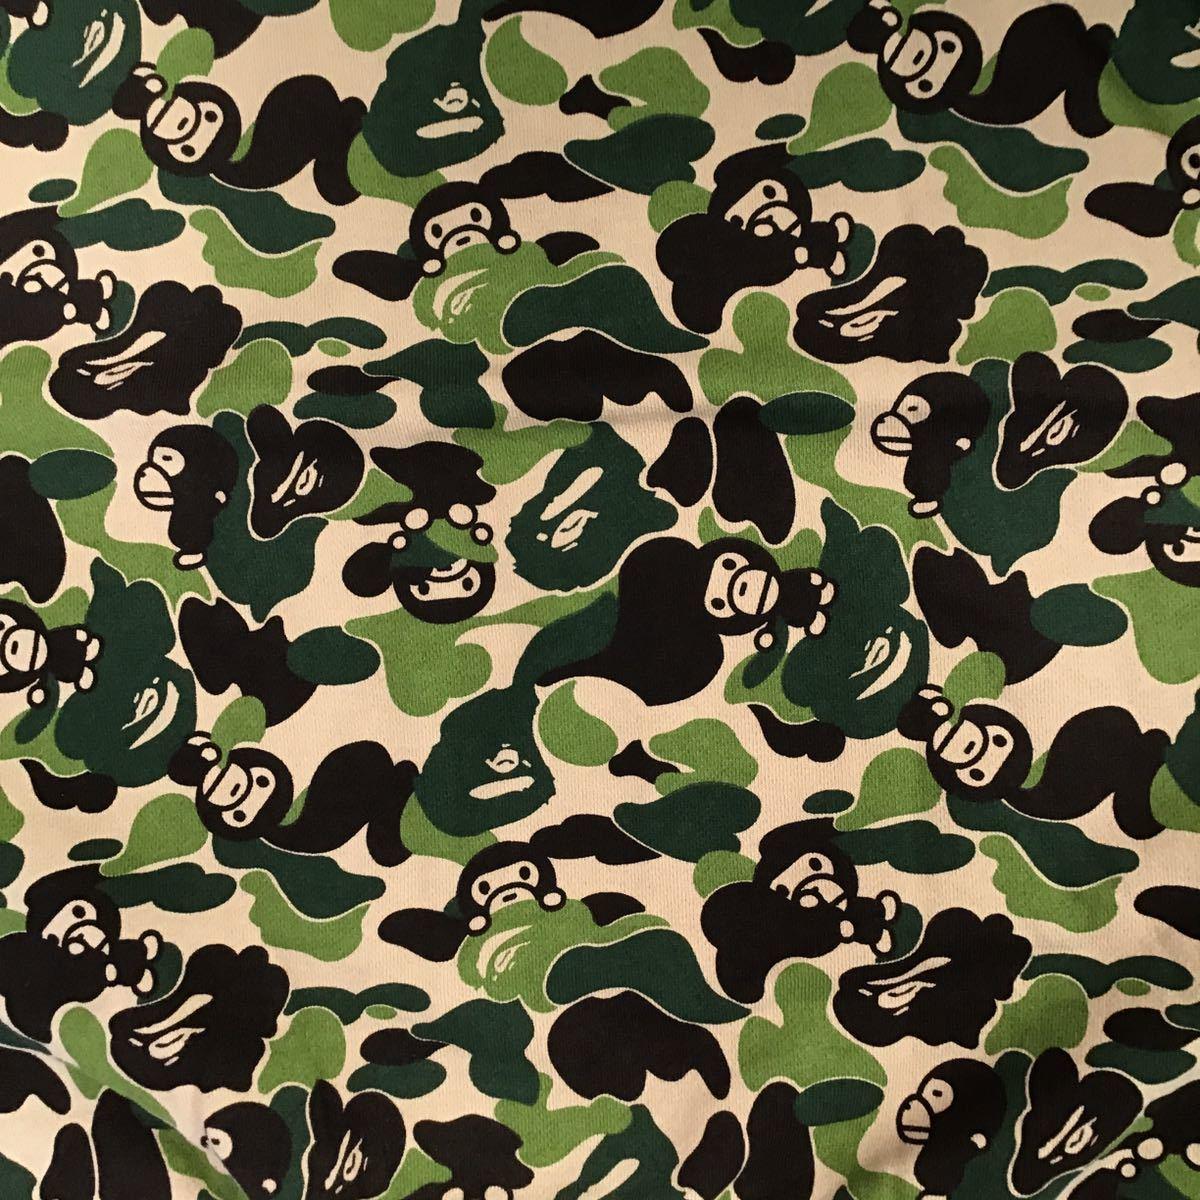 ABC milo camo green crazy 長袖スウェット Sサイズ a bathing ape bape sweat エイプ ベイプ アベイシングエイプ ABCカモ 迷彩 151